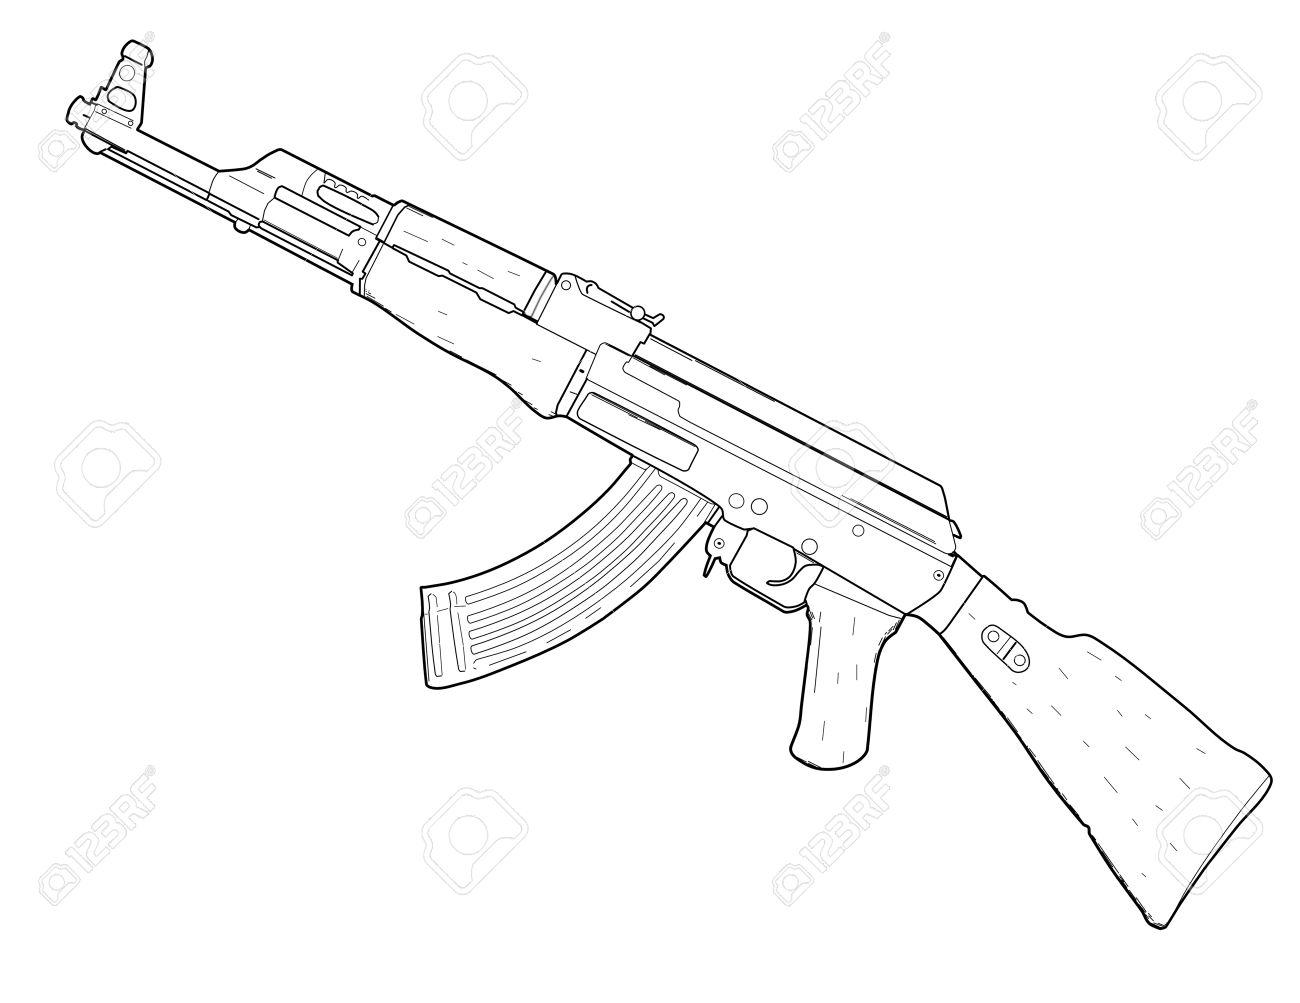 Machine Gun Drawing At Getdrawings